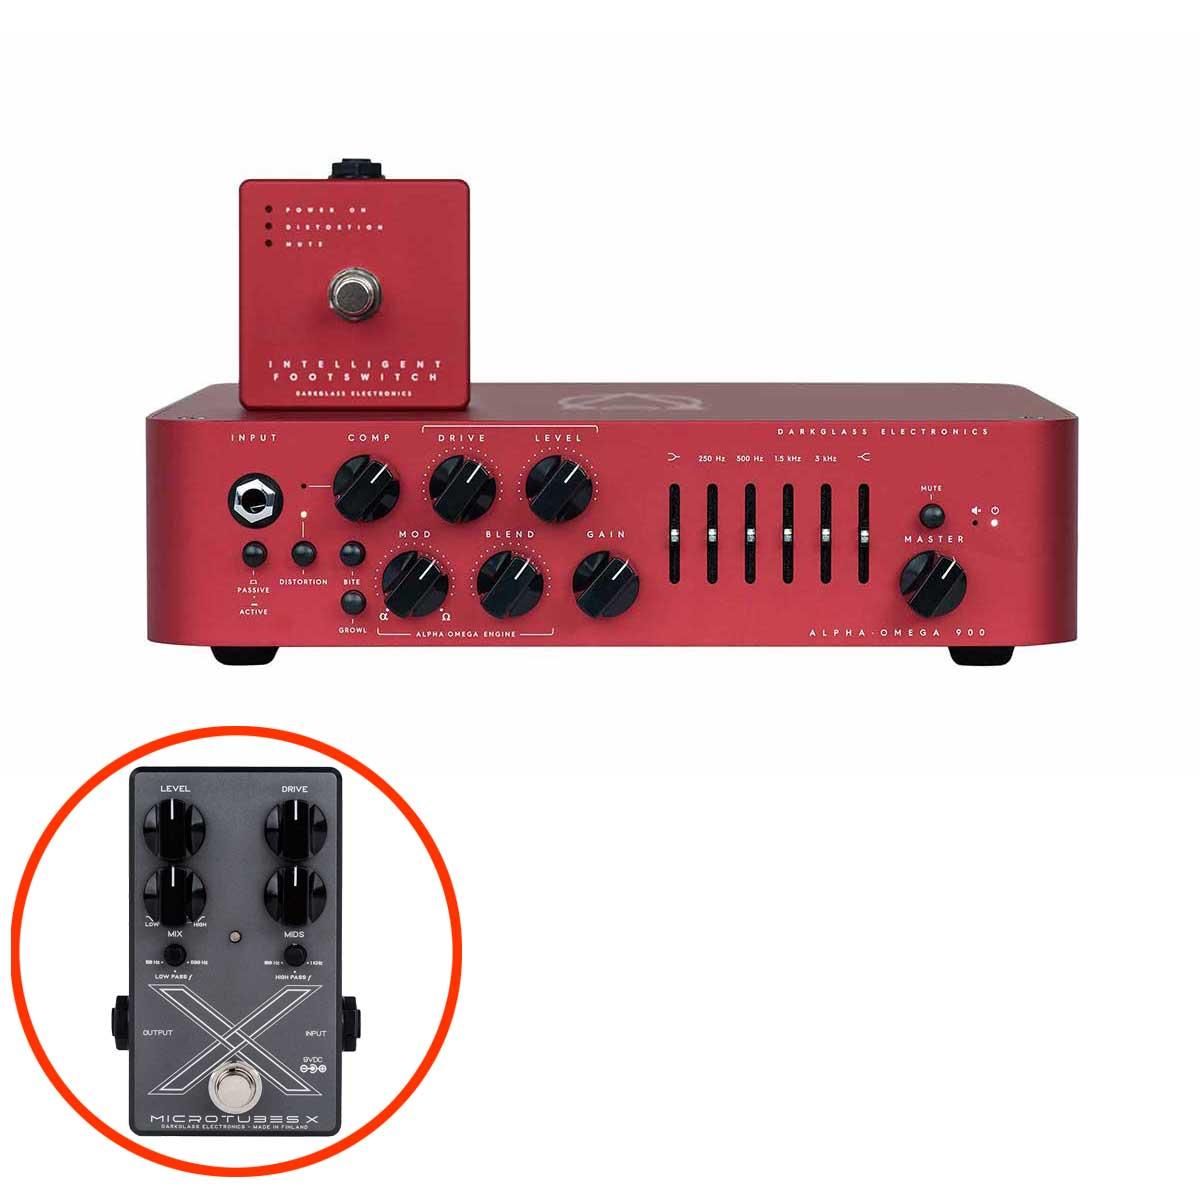 """【数量限定 Microtubes Xプレゼント】 Darkglass Electronics Alpha・Omega 900 Limited Edition """"RED"""" ベース用プリアンプ 【ダークグラスエレクトロニクス】【数量限定品】"""